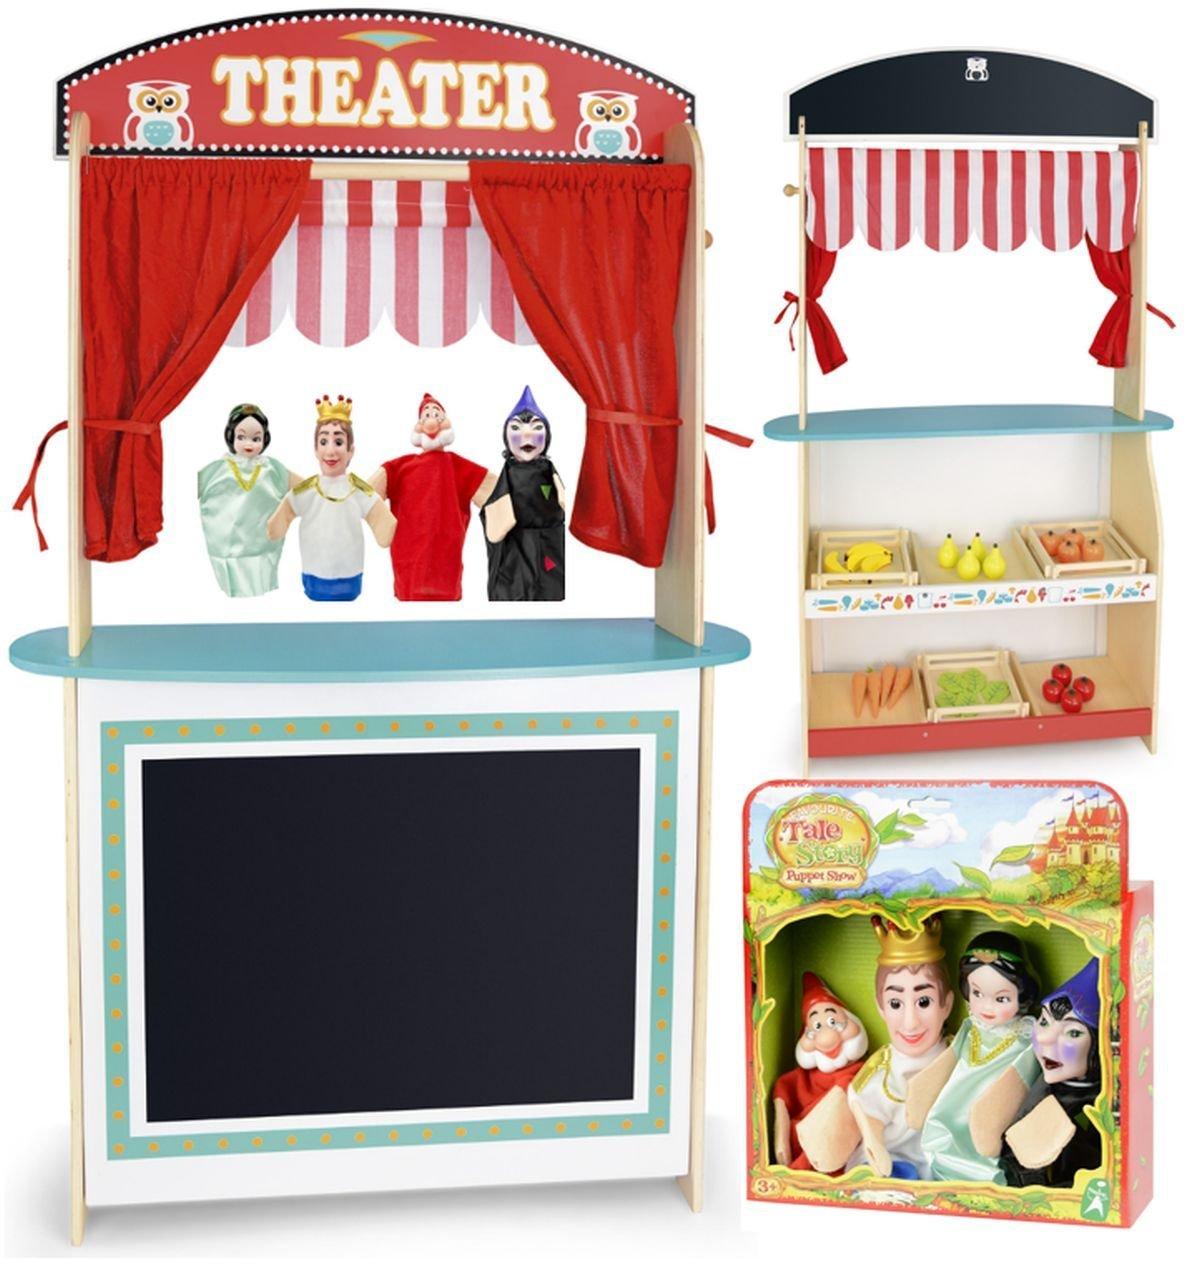 Giocattolo Grande Giocattolo Teatro Dei Burattini Delle Bambole Per Bambini Set Di 4 Marionette Teatrino In Legno Sipario e Negozio Mensola Per Giocare Burattini 4 Pezzi